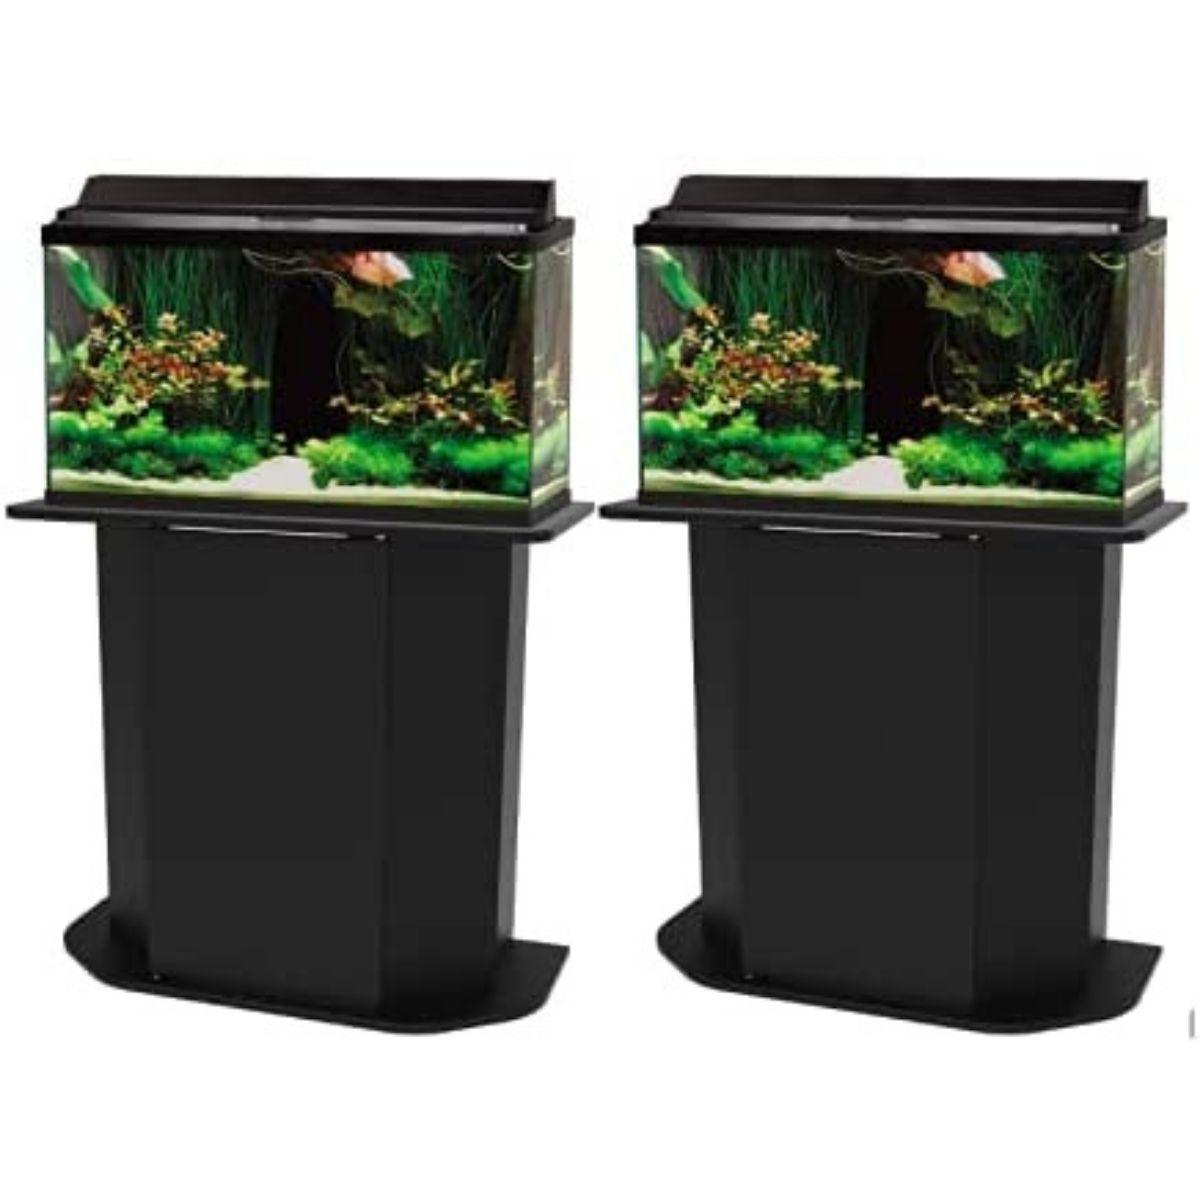 The Best 29 Gallon Aquarium Stand Option: Astede Wood Aquarium Stand